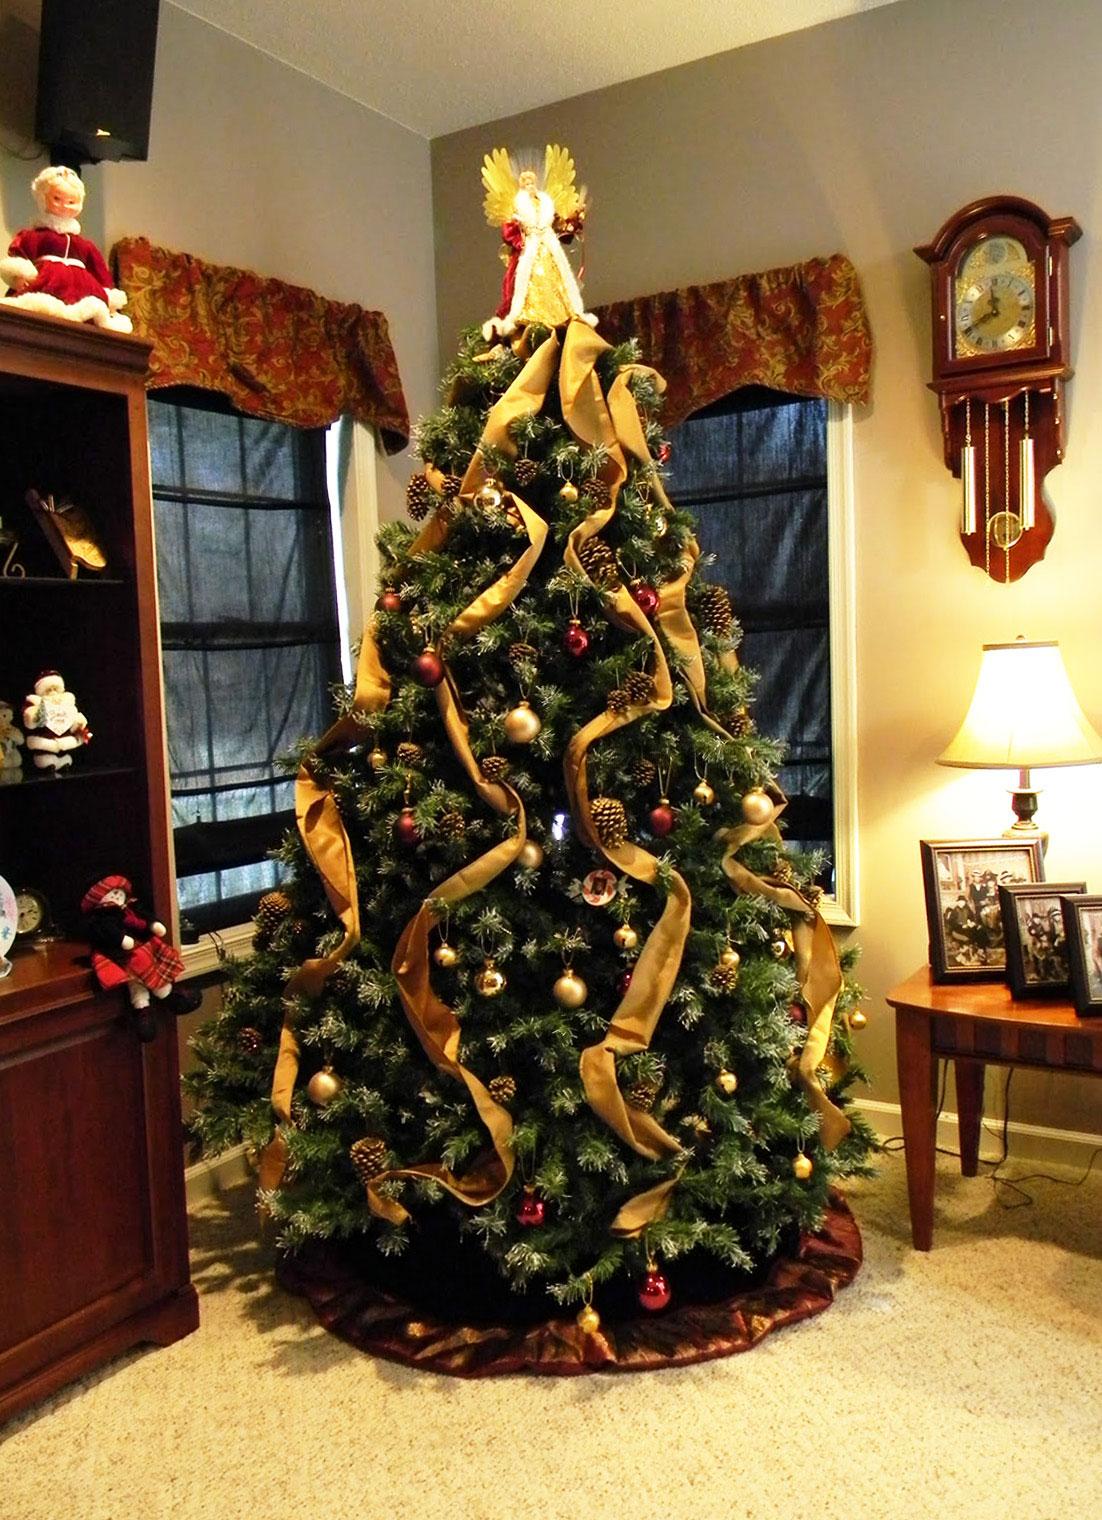 Ładna, gustowna choinka na Boże Narodzenie ozdobiona złotymi szarfami, wstążkami, bombkami oraz świerkowymi szyszkami